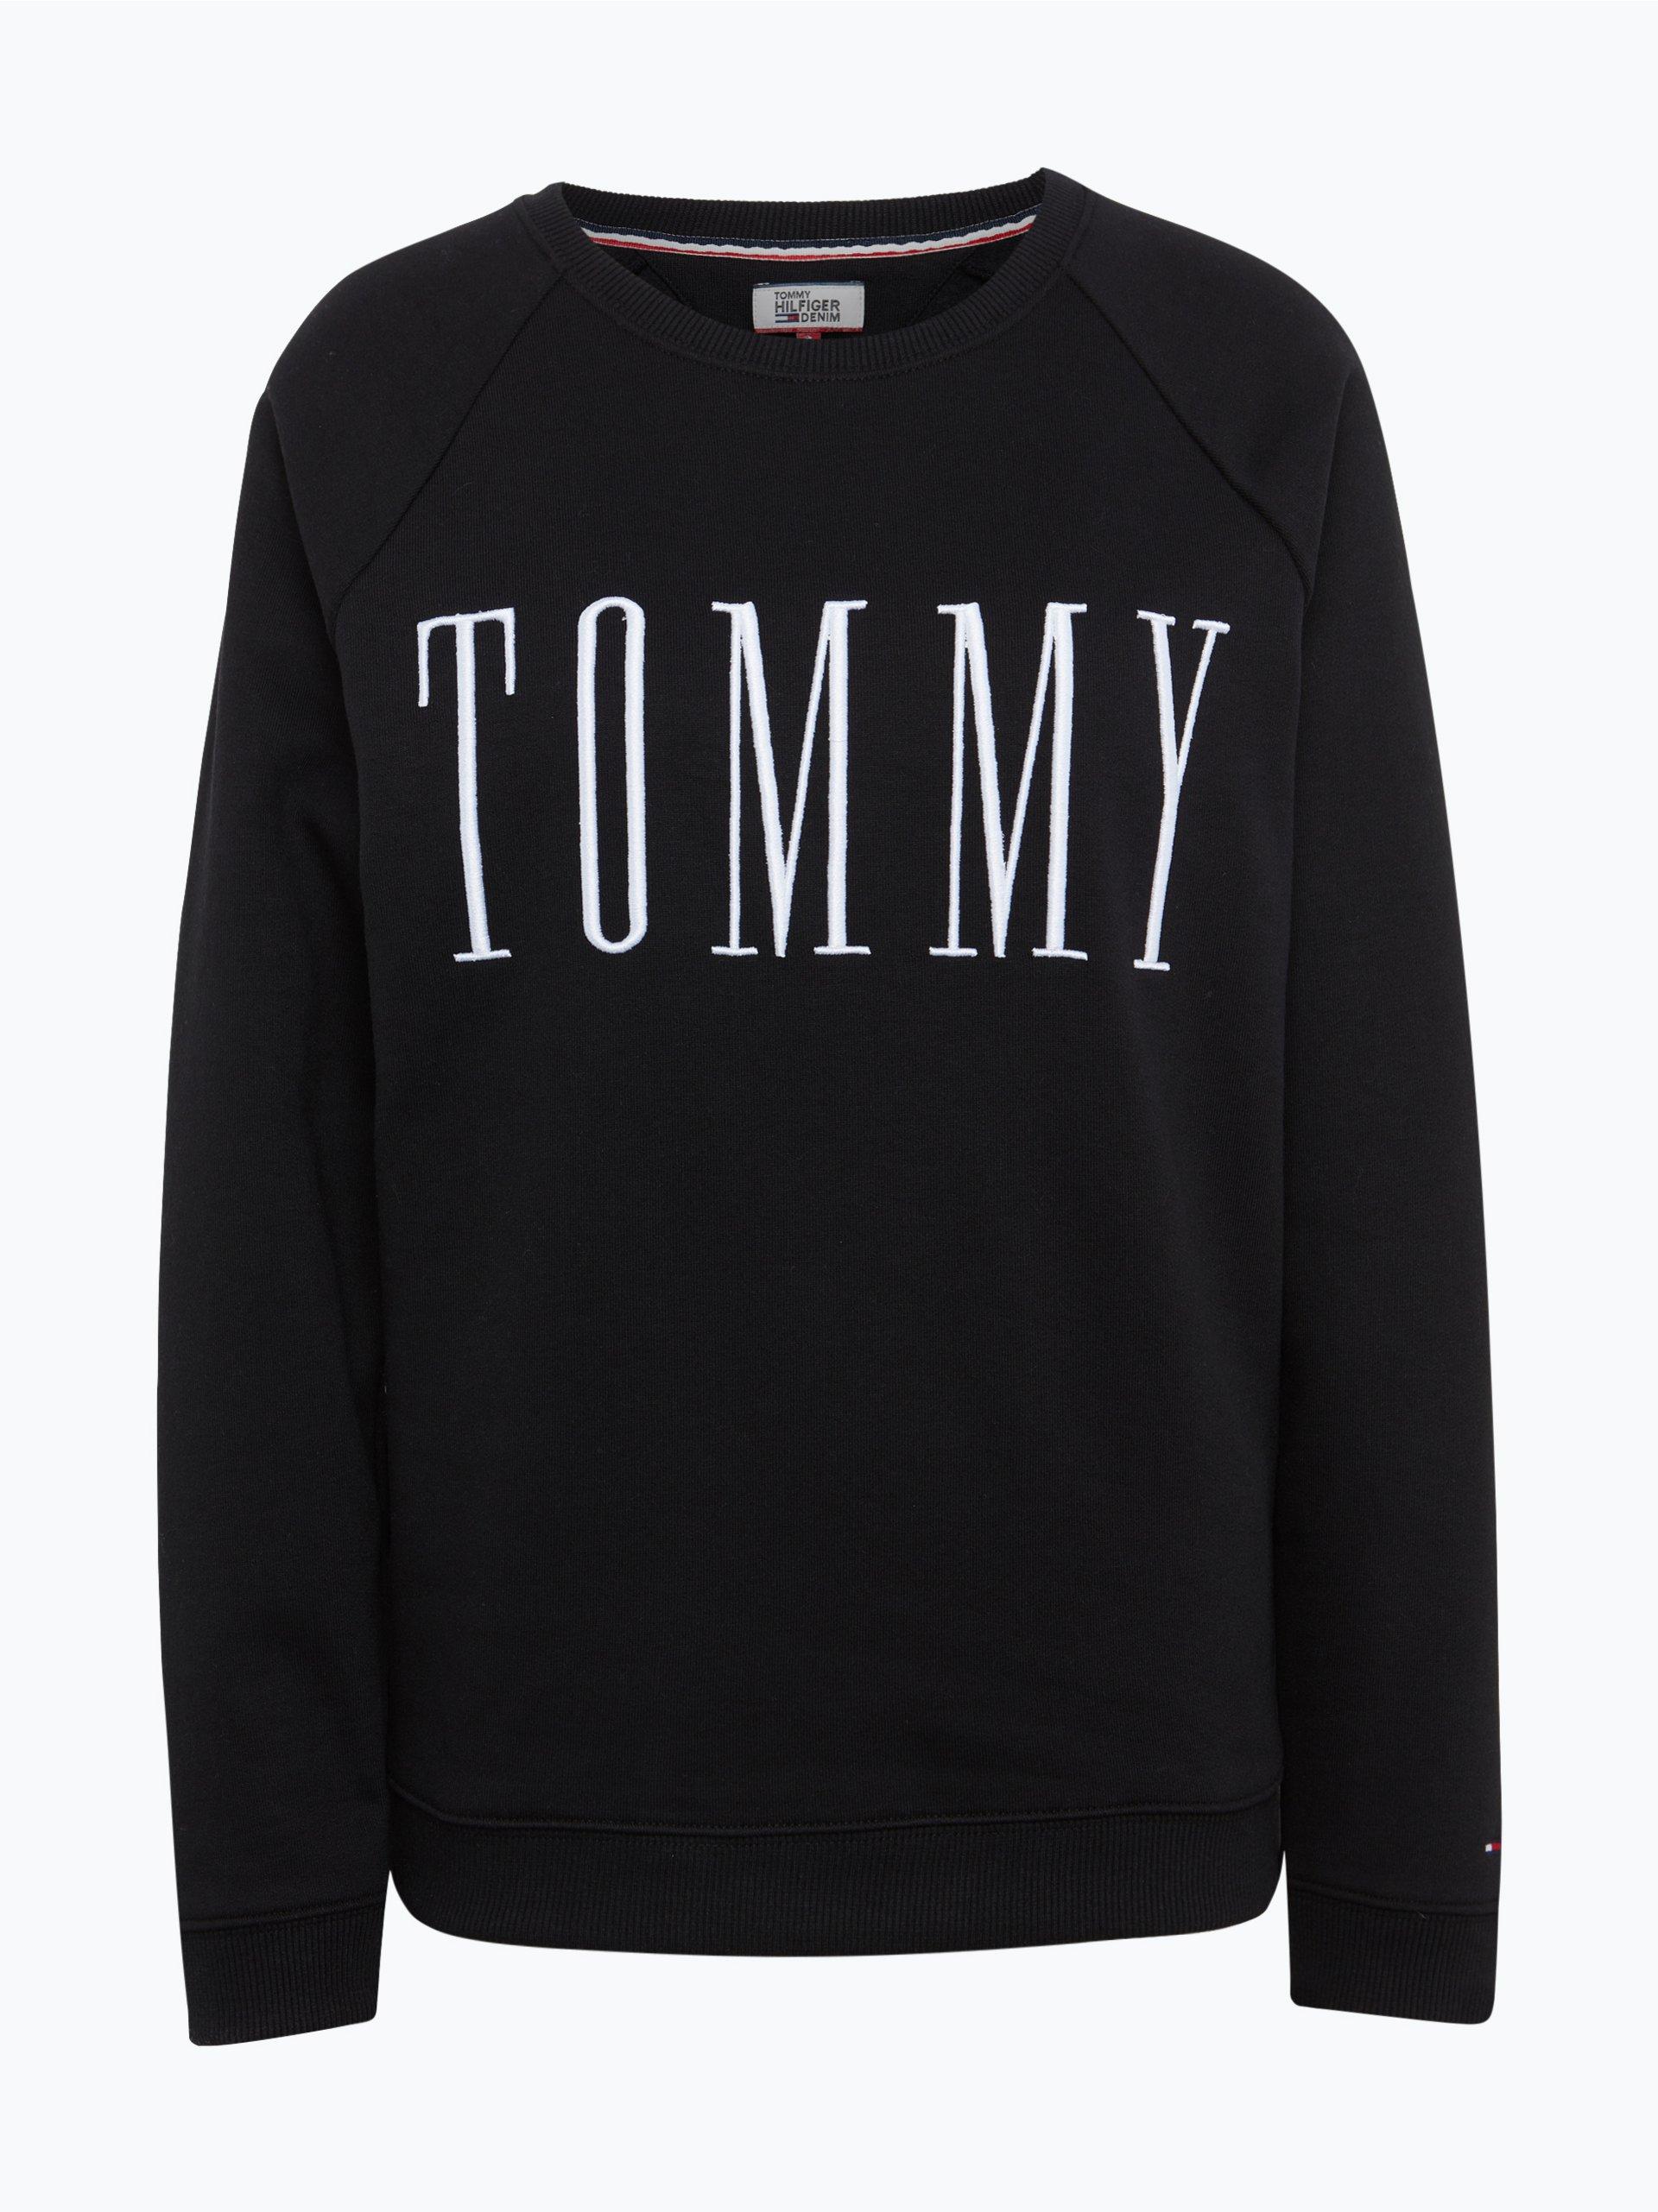 hilfiger denim damen sweatshirt schwarz uni online kaufen. Black Bedroom Furniture Sets. Home Design Ideas